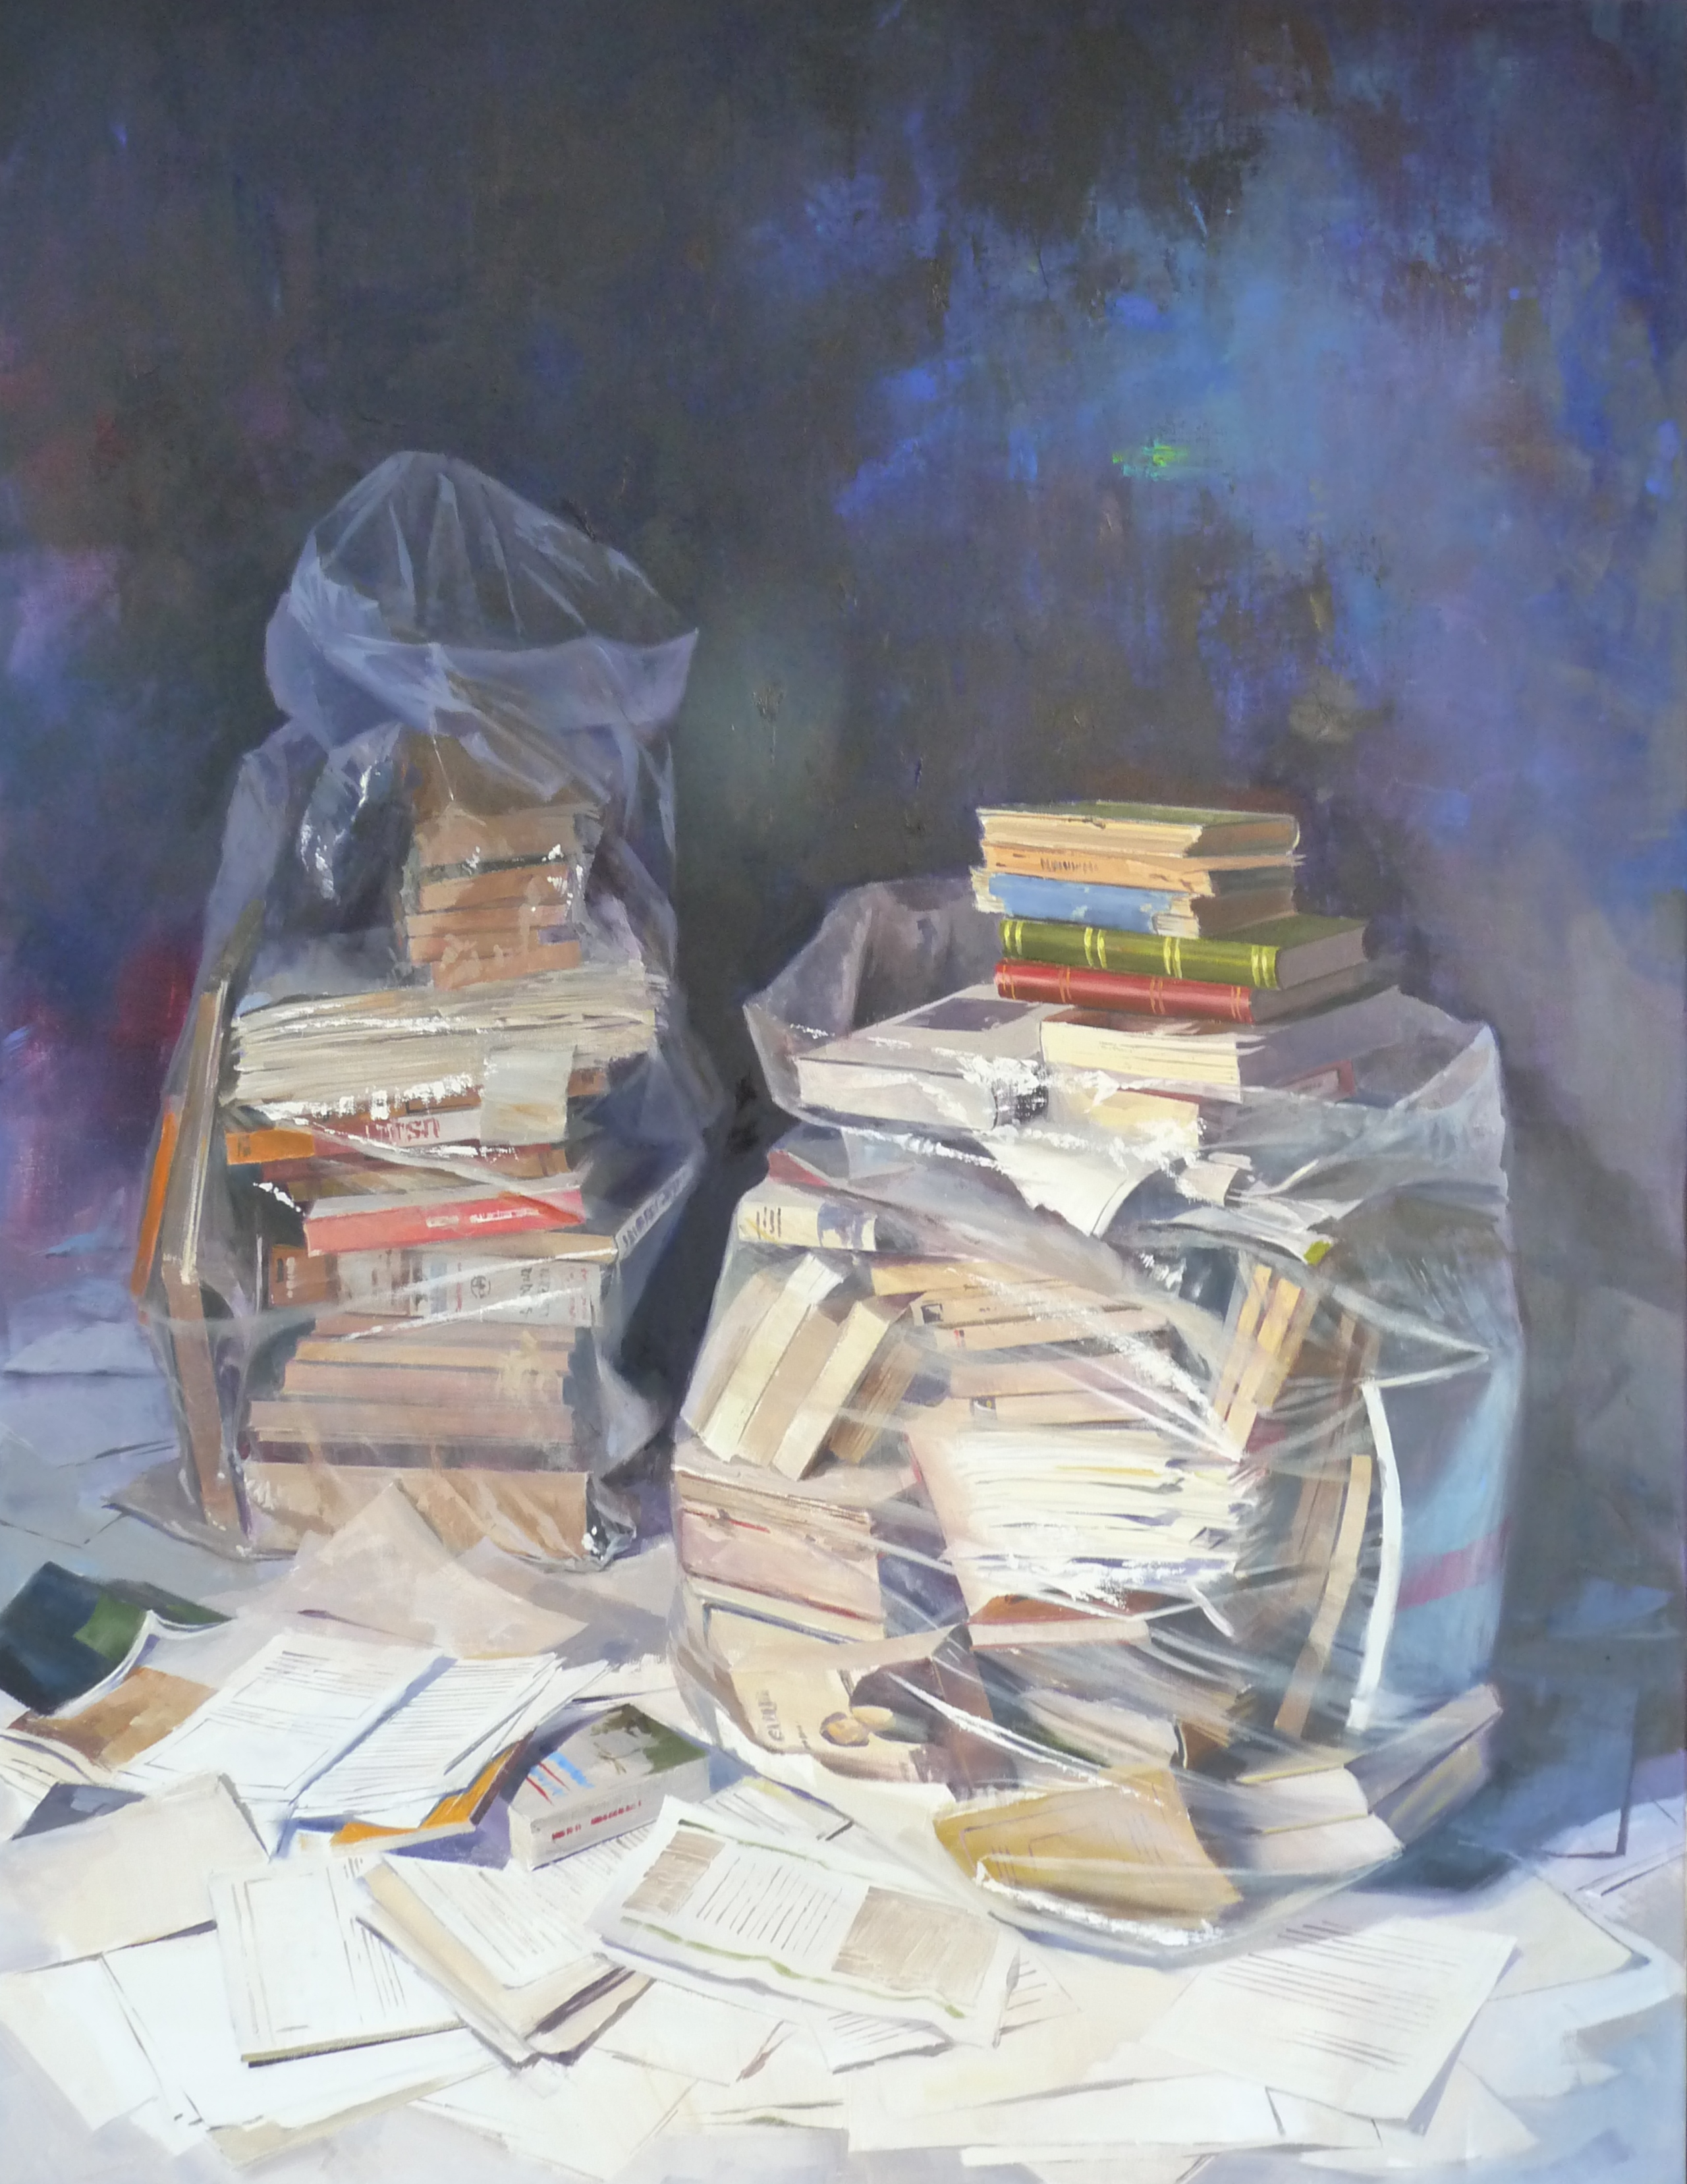 Bosses de llibres